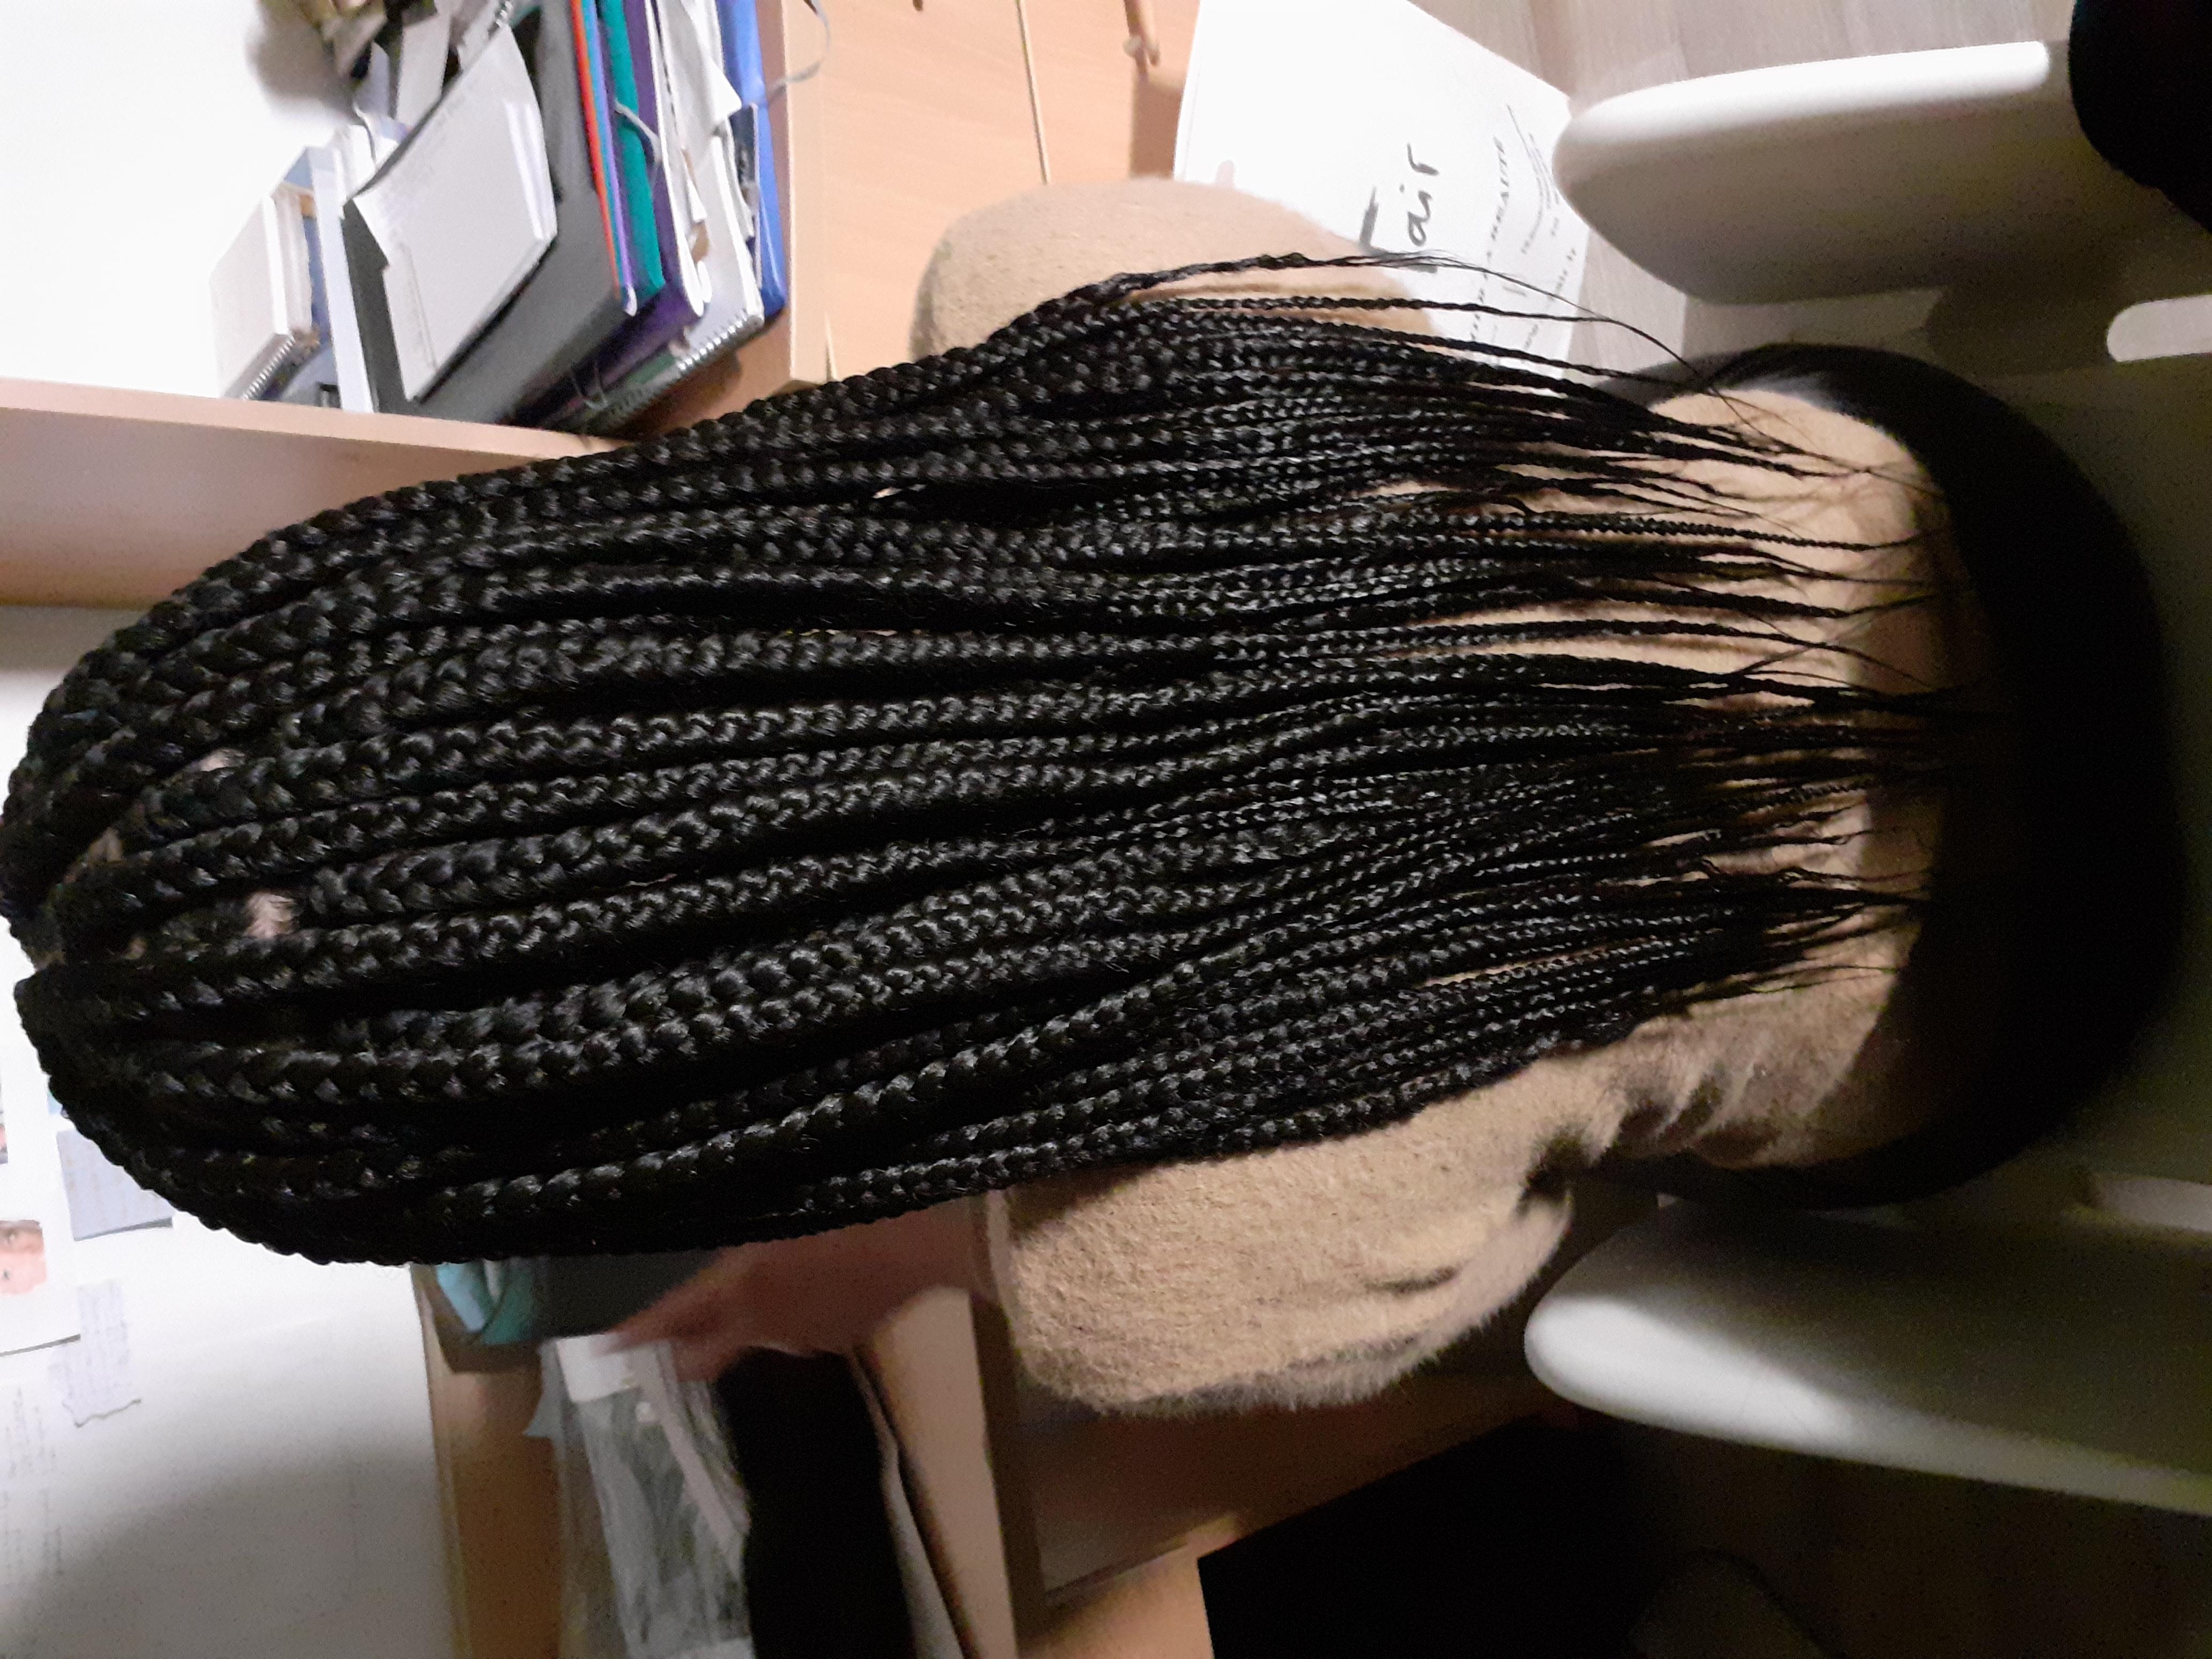 salon de coiffure afro tresse tresses box braids crochet braids vanilles tissages paris 75 77 78 91 92 93 94 95 IEQCOQTE